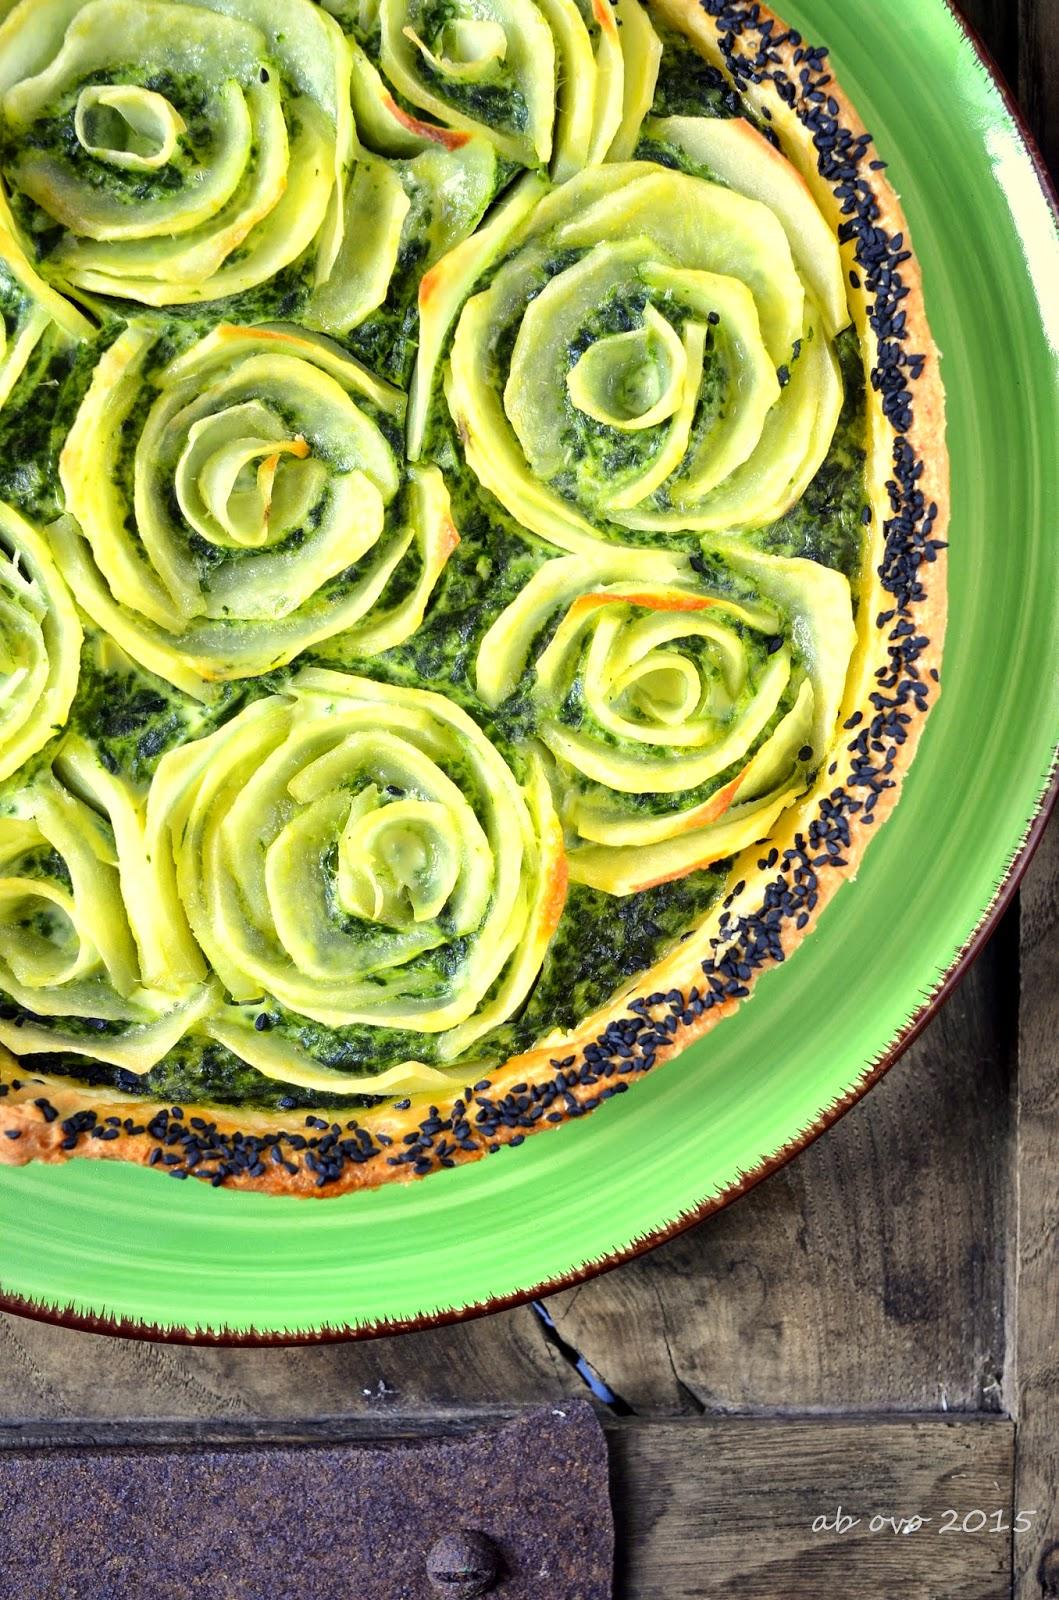 Torta-salata-fiorita-con-erbette-epatate-e-brisee-di-michel-roux